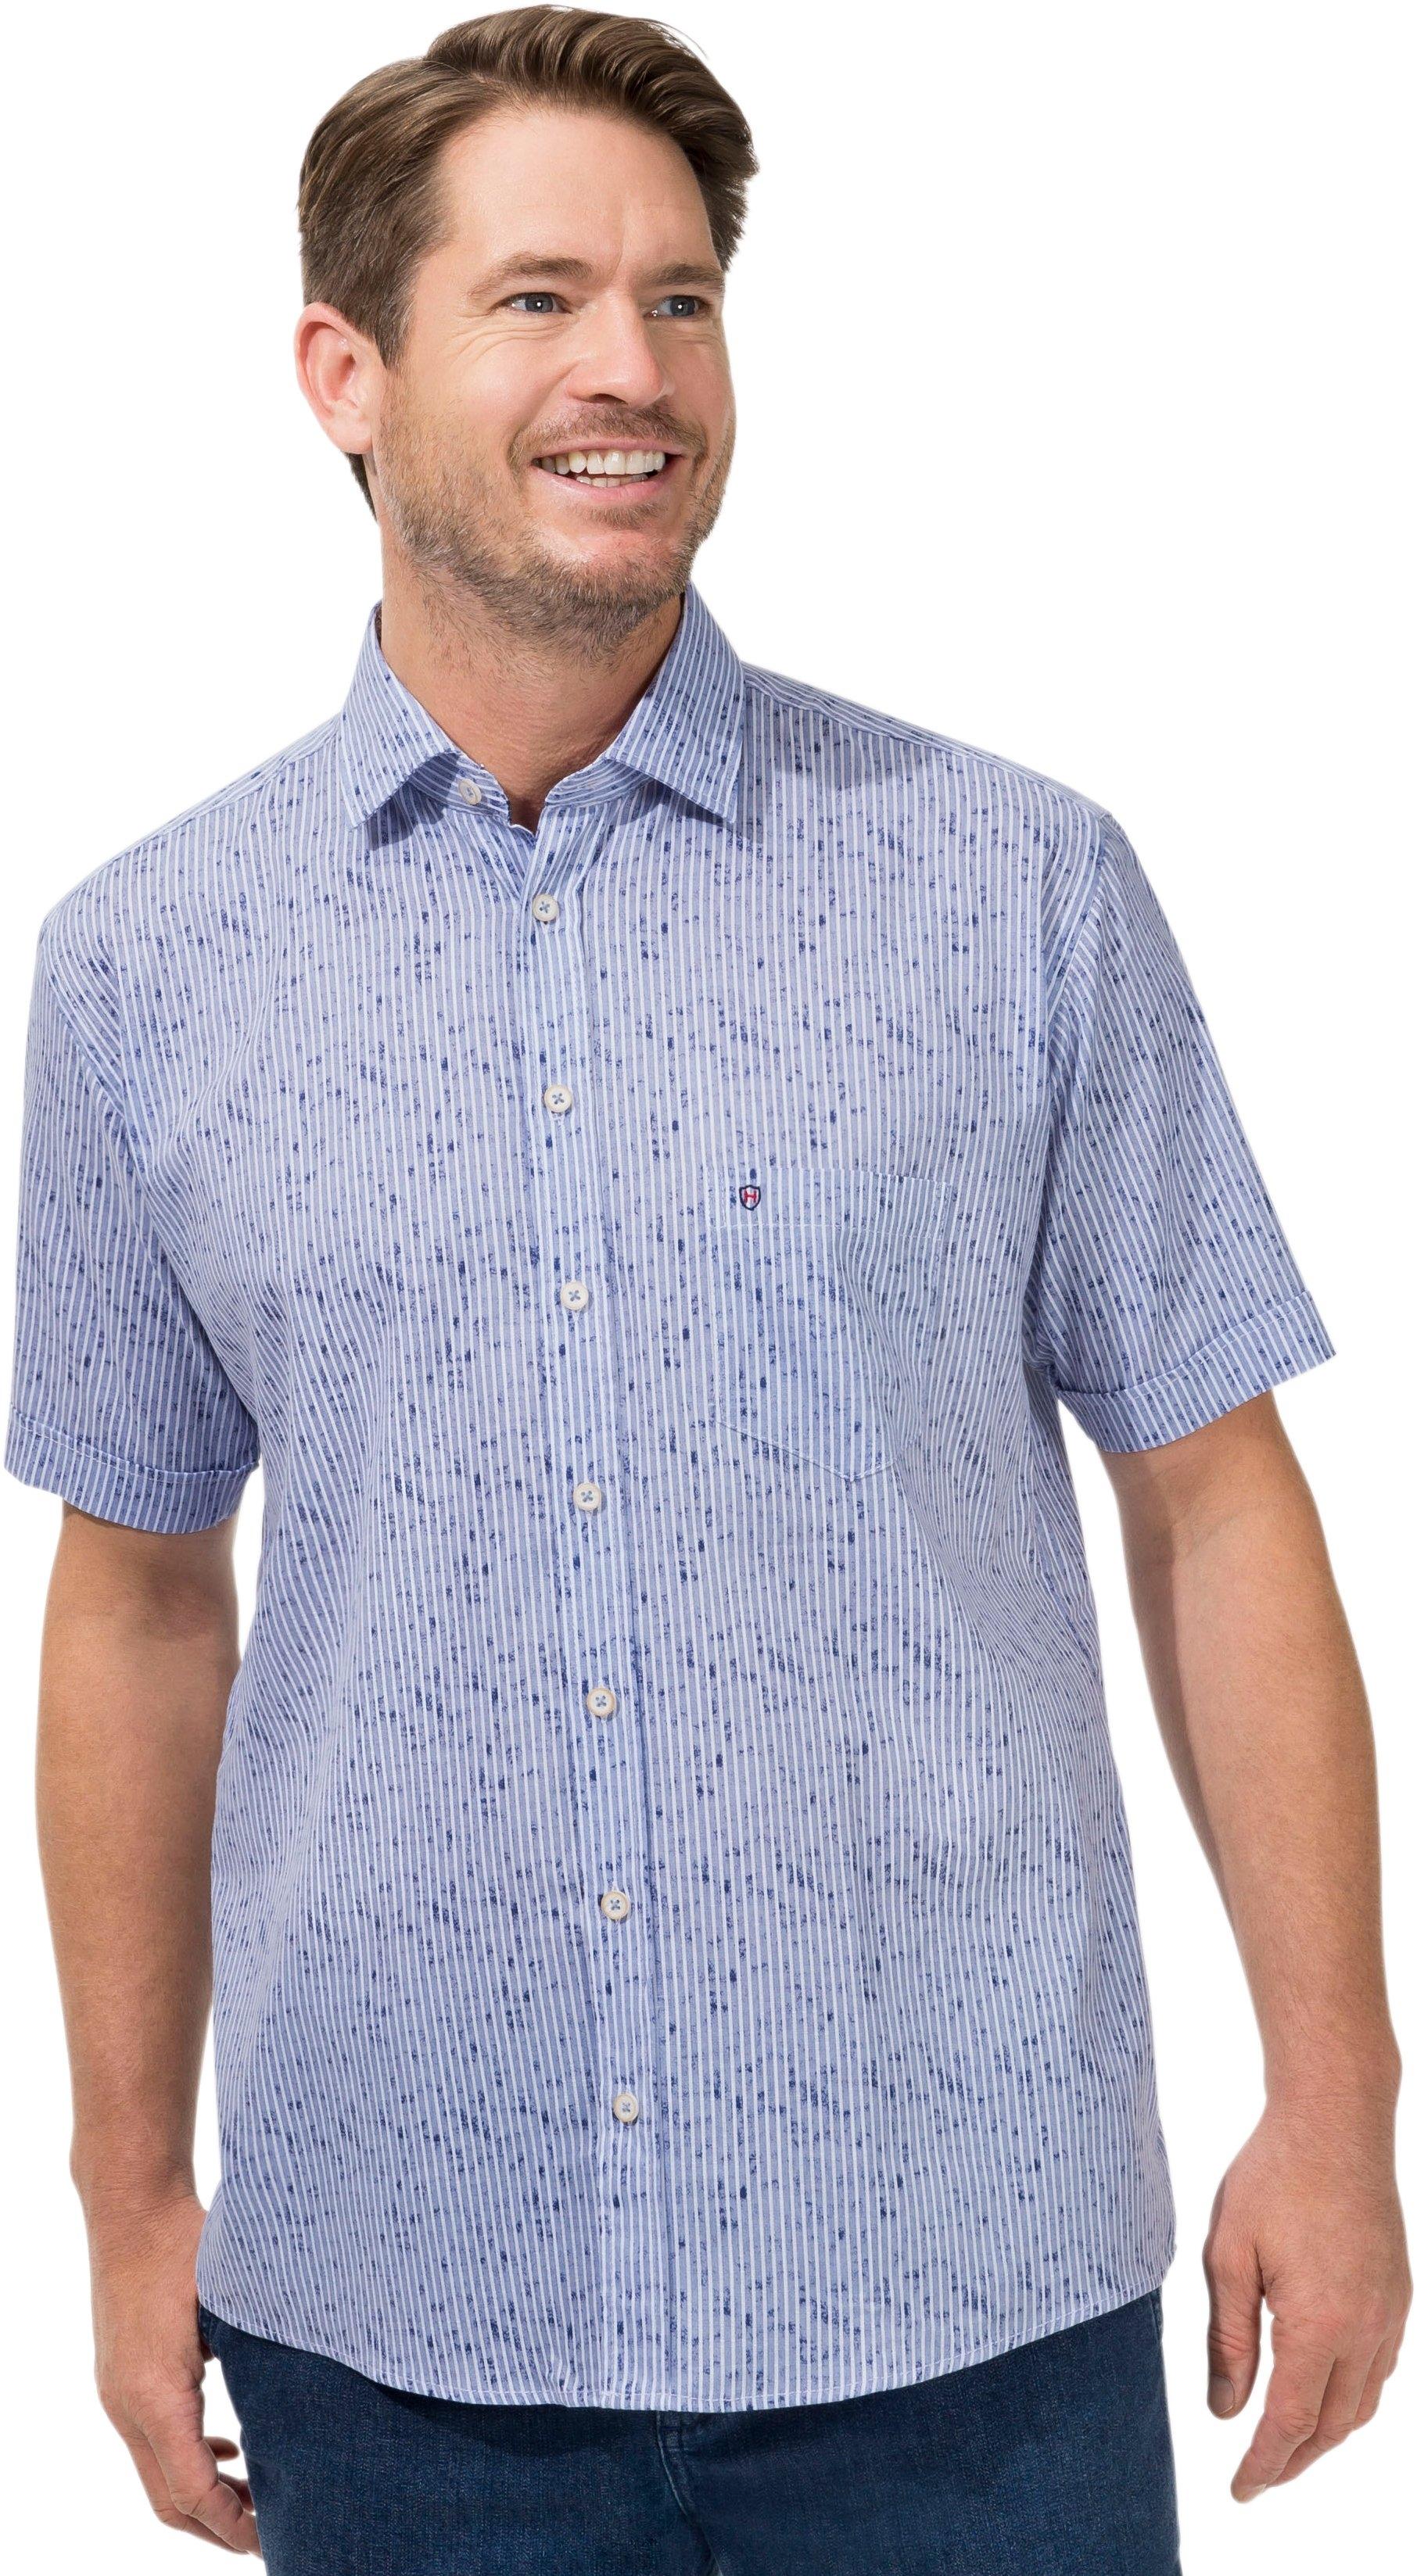 Hatico overhemd met korte mouwen - verschillende betaalmethodes